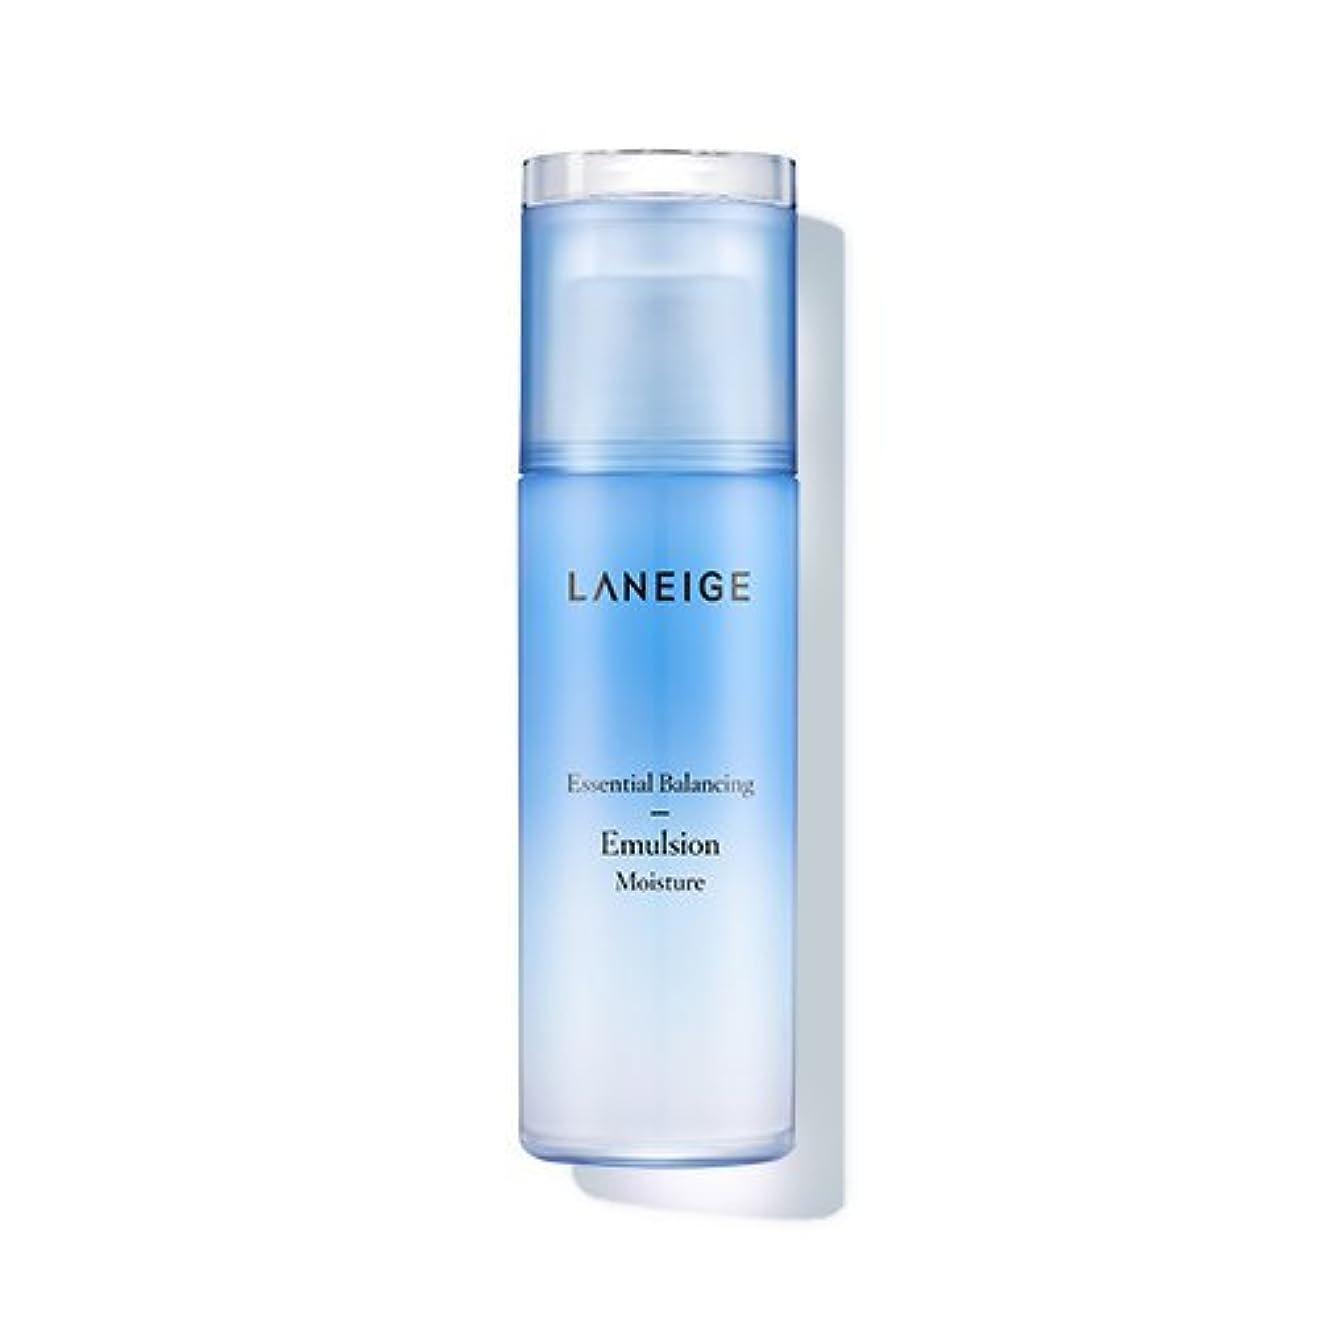 剛性オーラル今晩LANEIGE Essential Balancing Emulsion Moisture 120ml/ラネージュ エッセンシャル バランシング エマルジョン モイスチャー 120ml [並行輸入品]